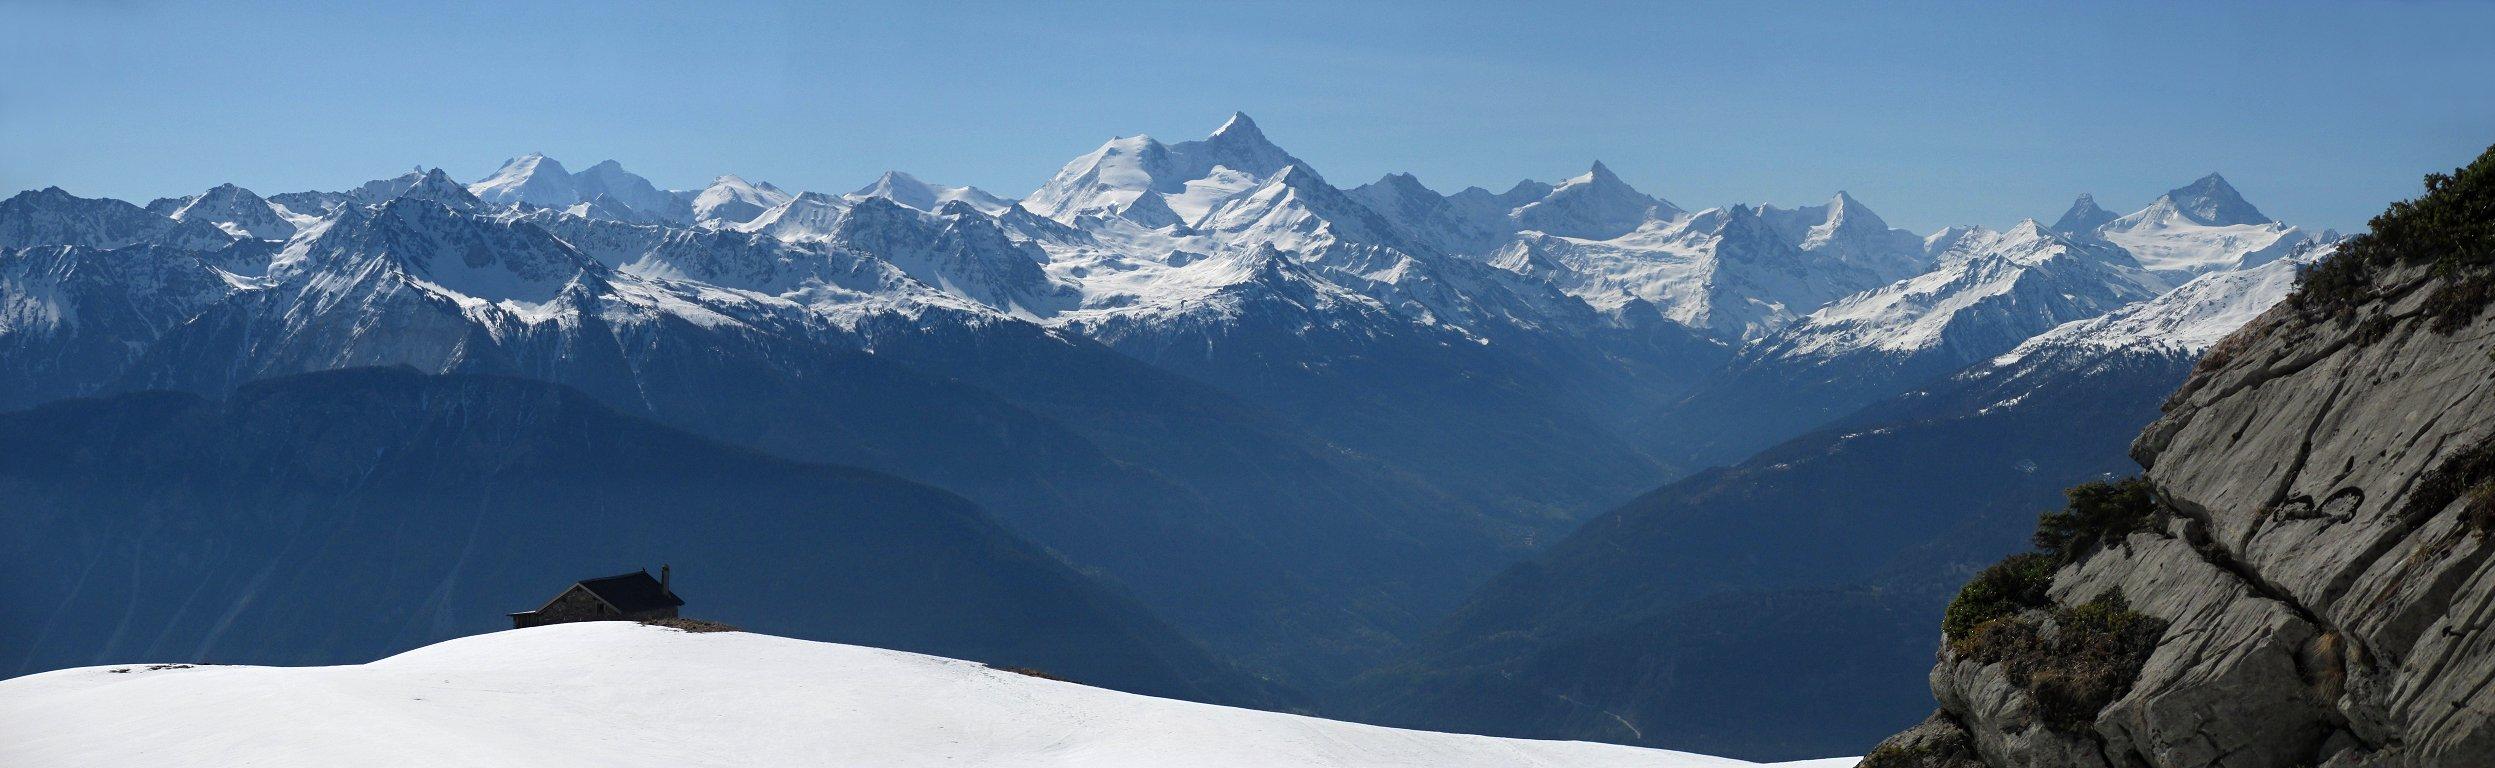 Alpes valaisannes - Antares Tourisme, limousines et autocars